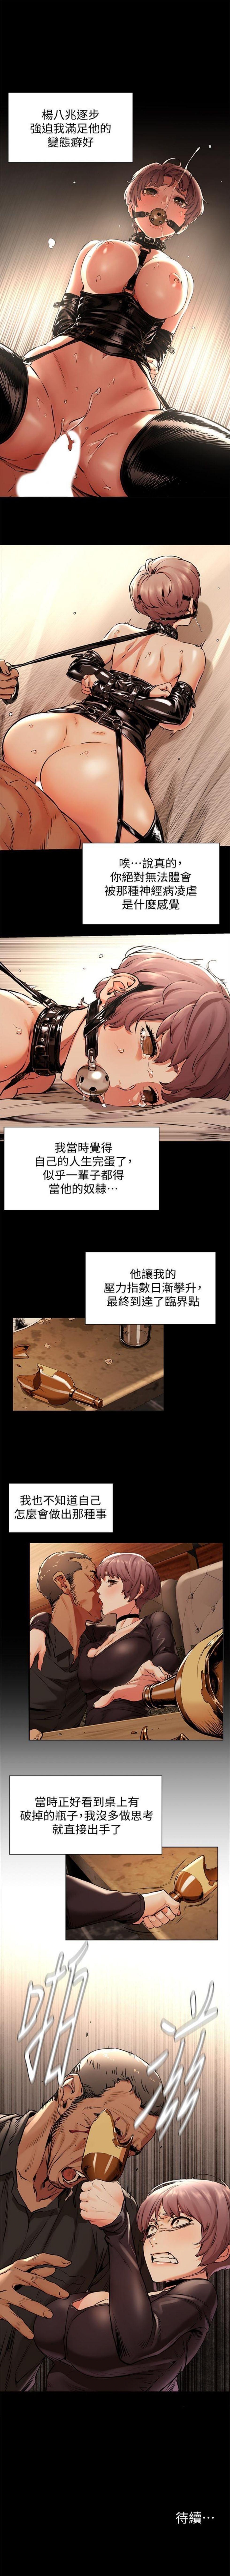 衝突 1-100官方中文(連載中) 549